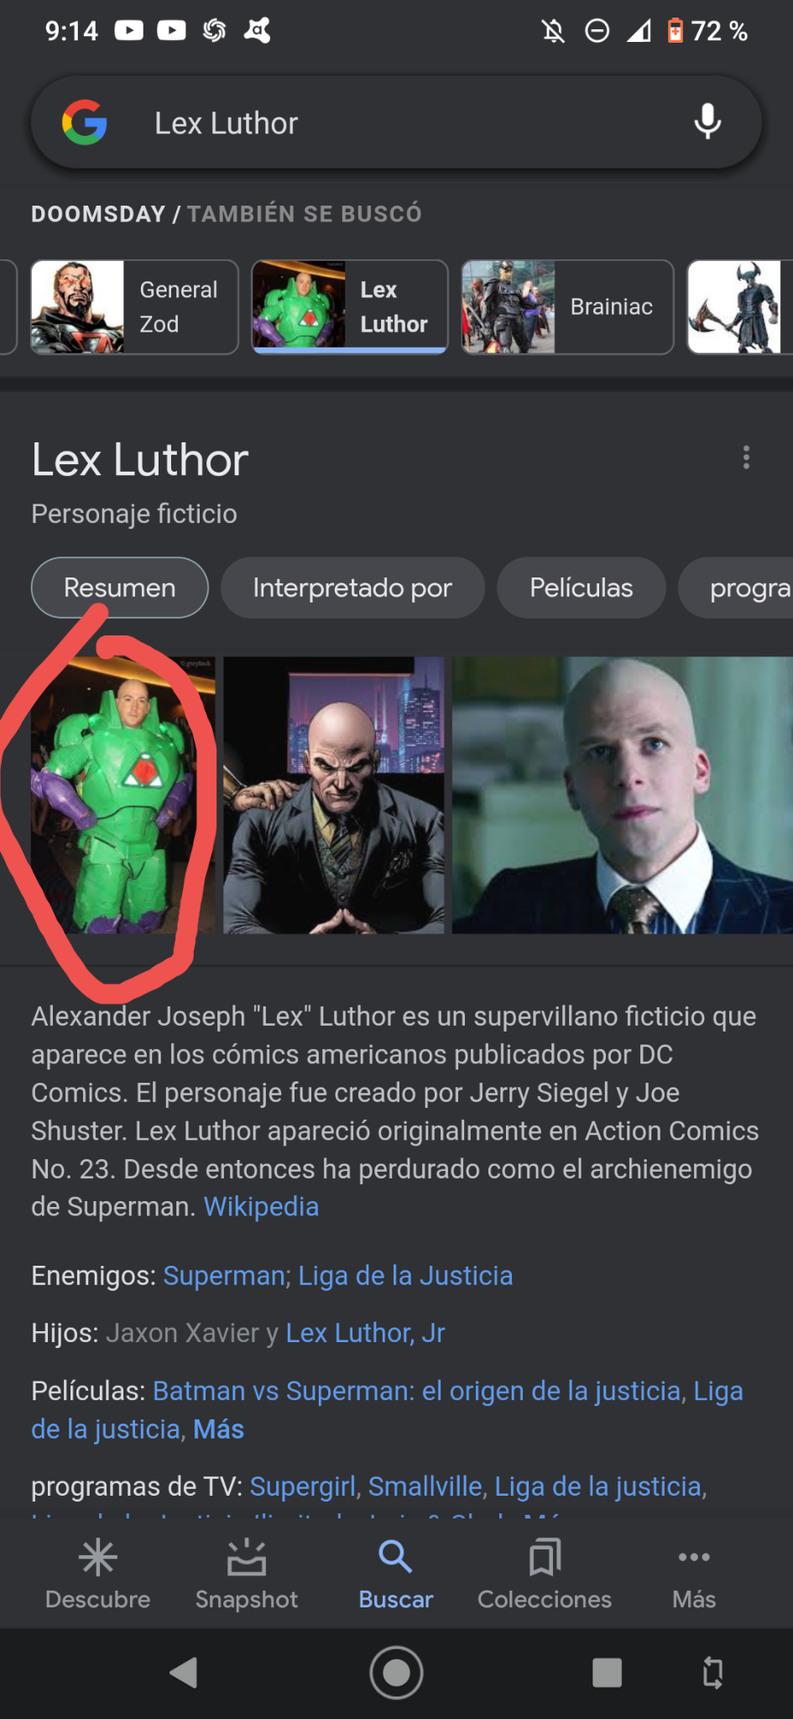 Lex Luthor mariguano - meme